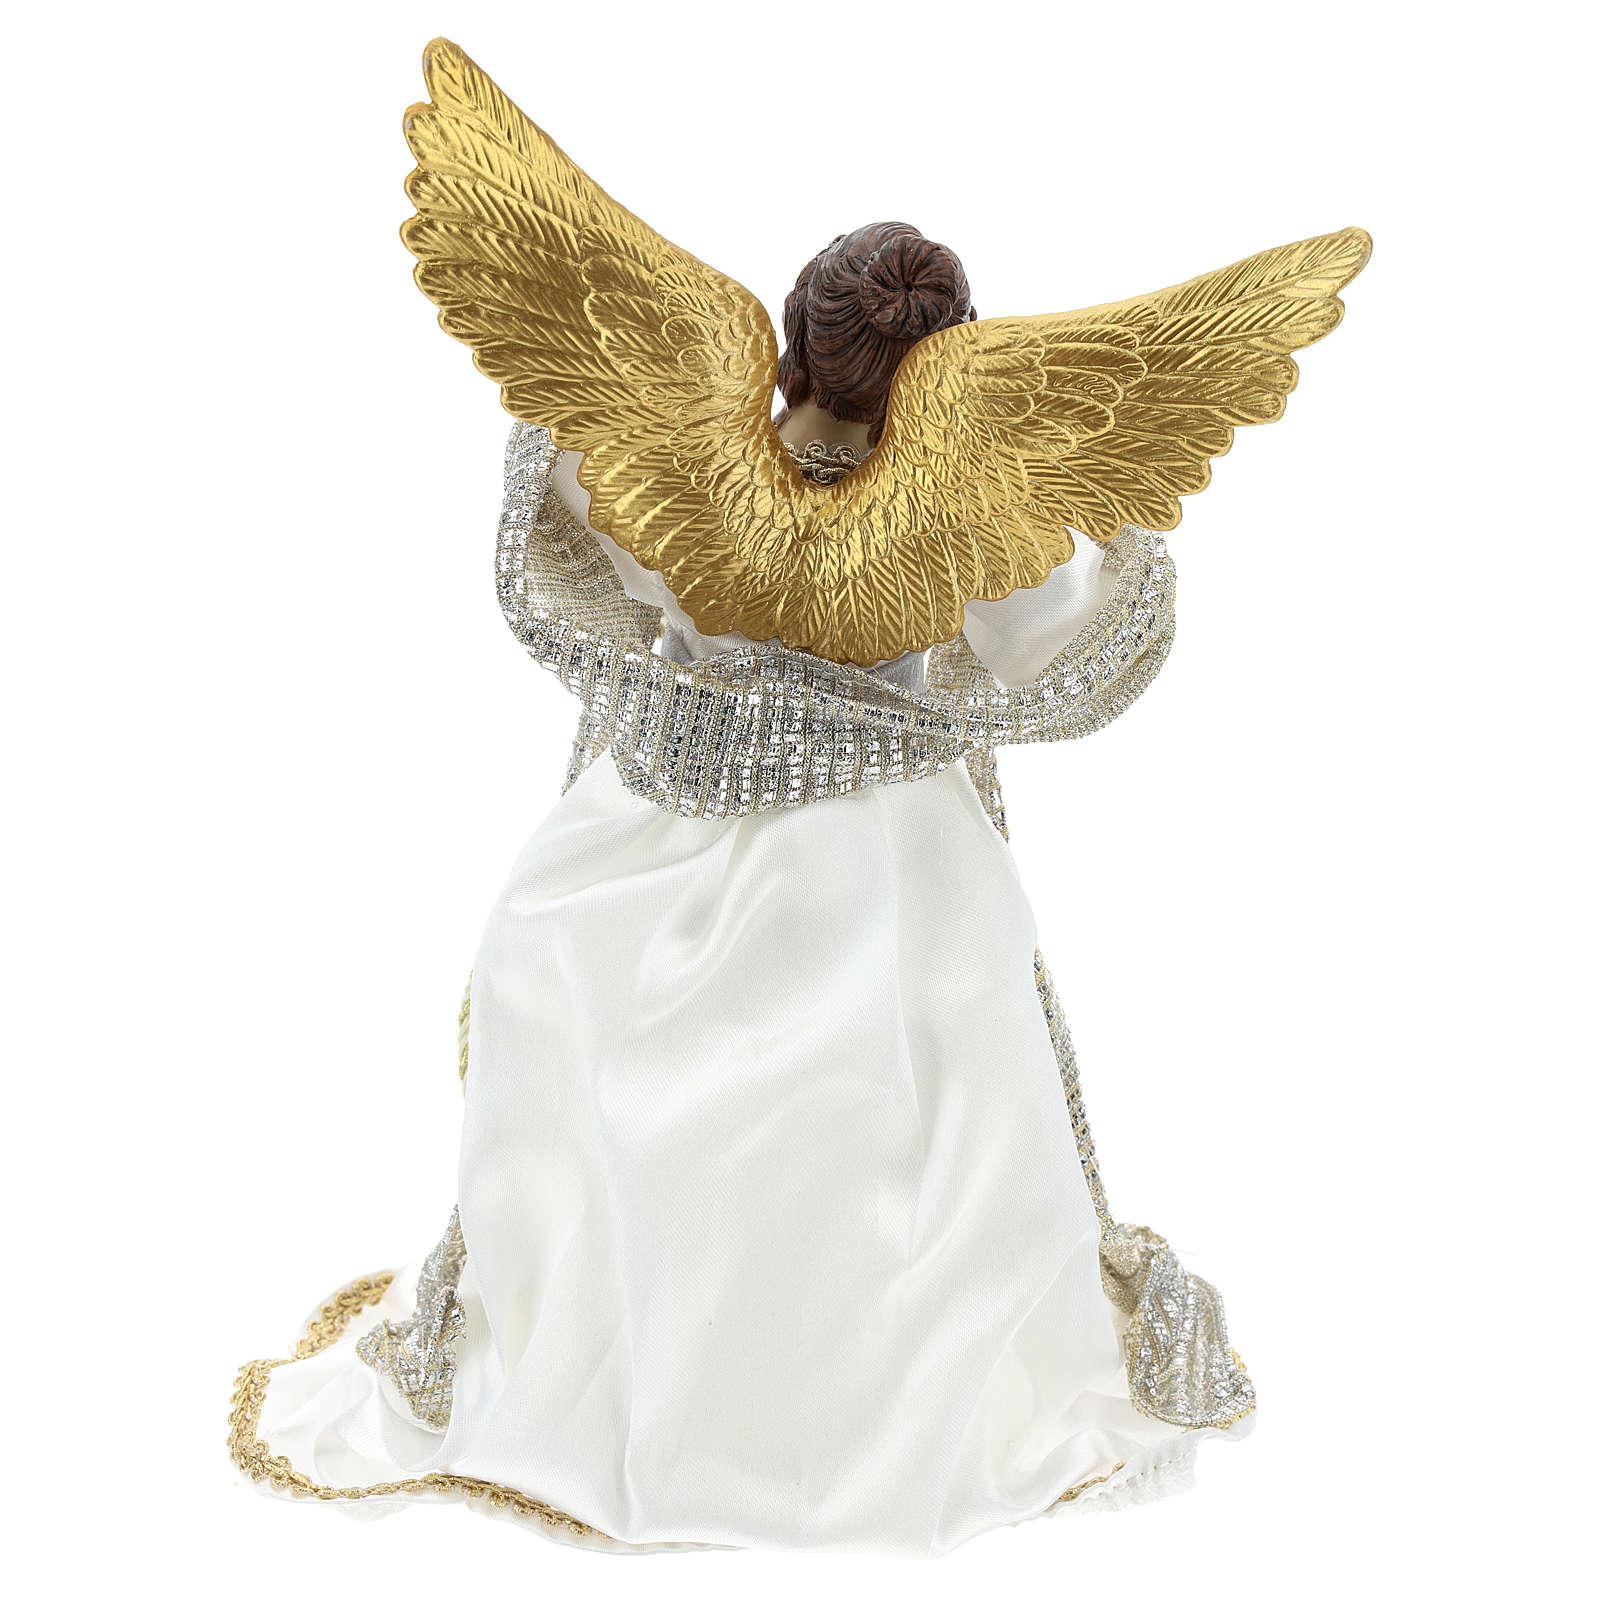 Ángel Punta Anunciación tela blanca 28 cm resina 3